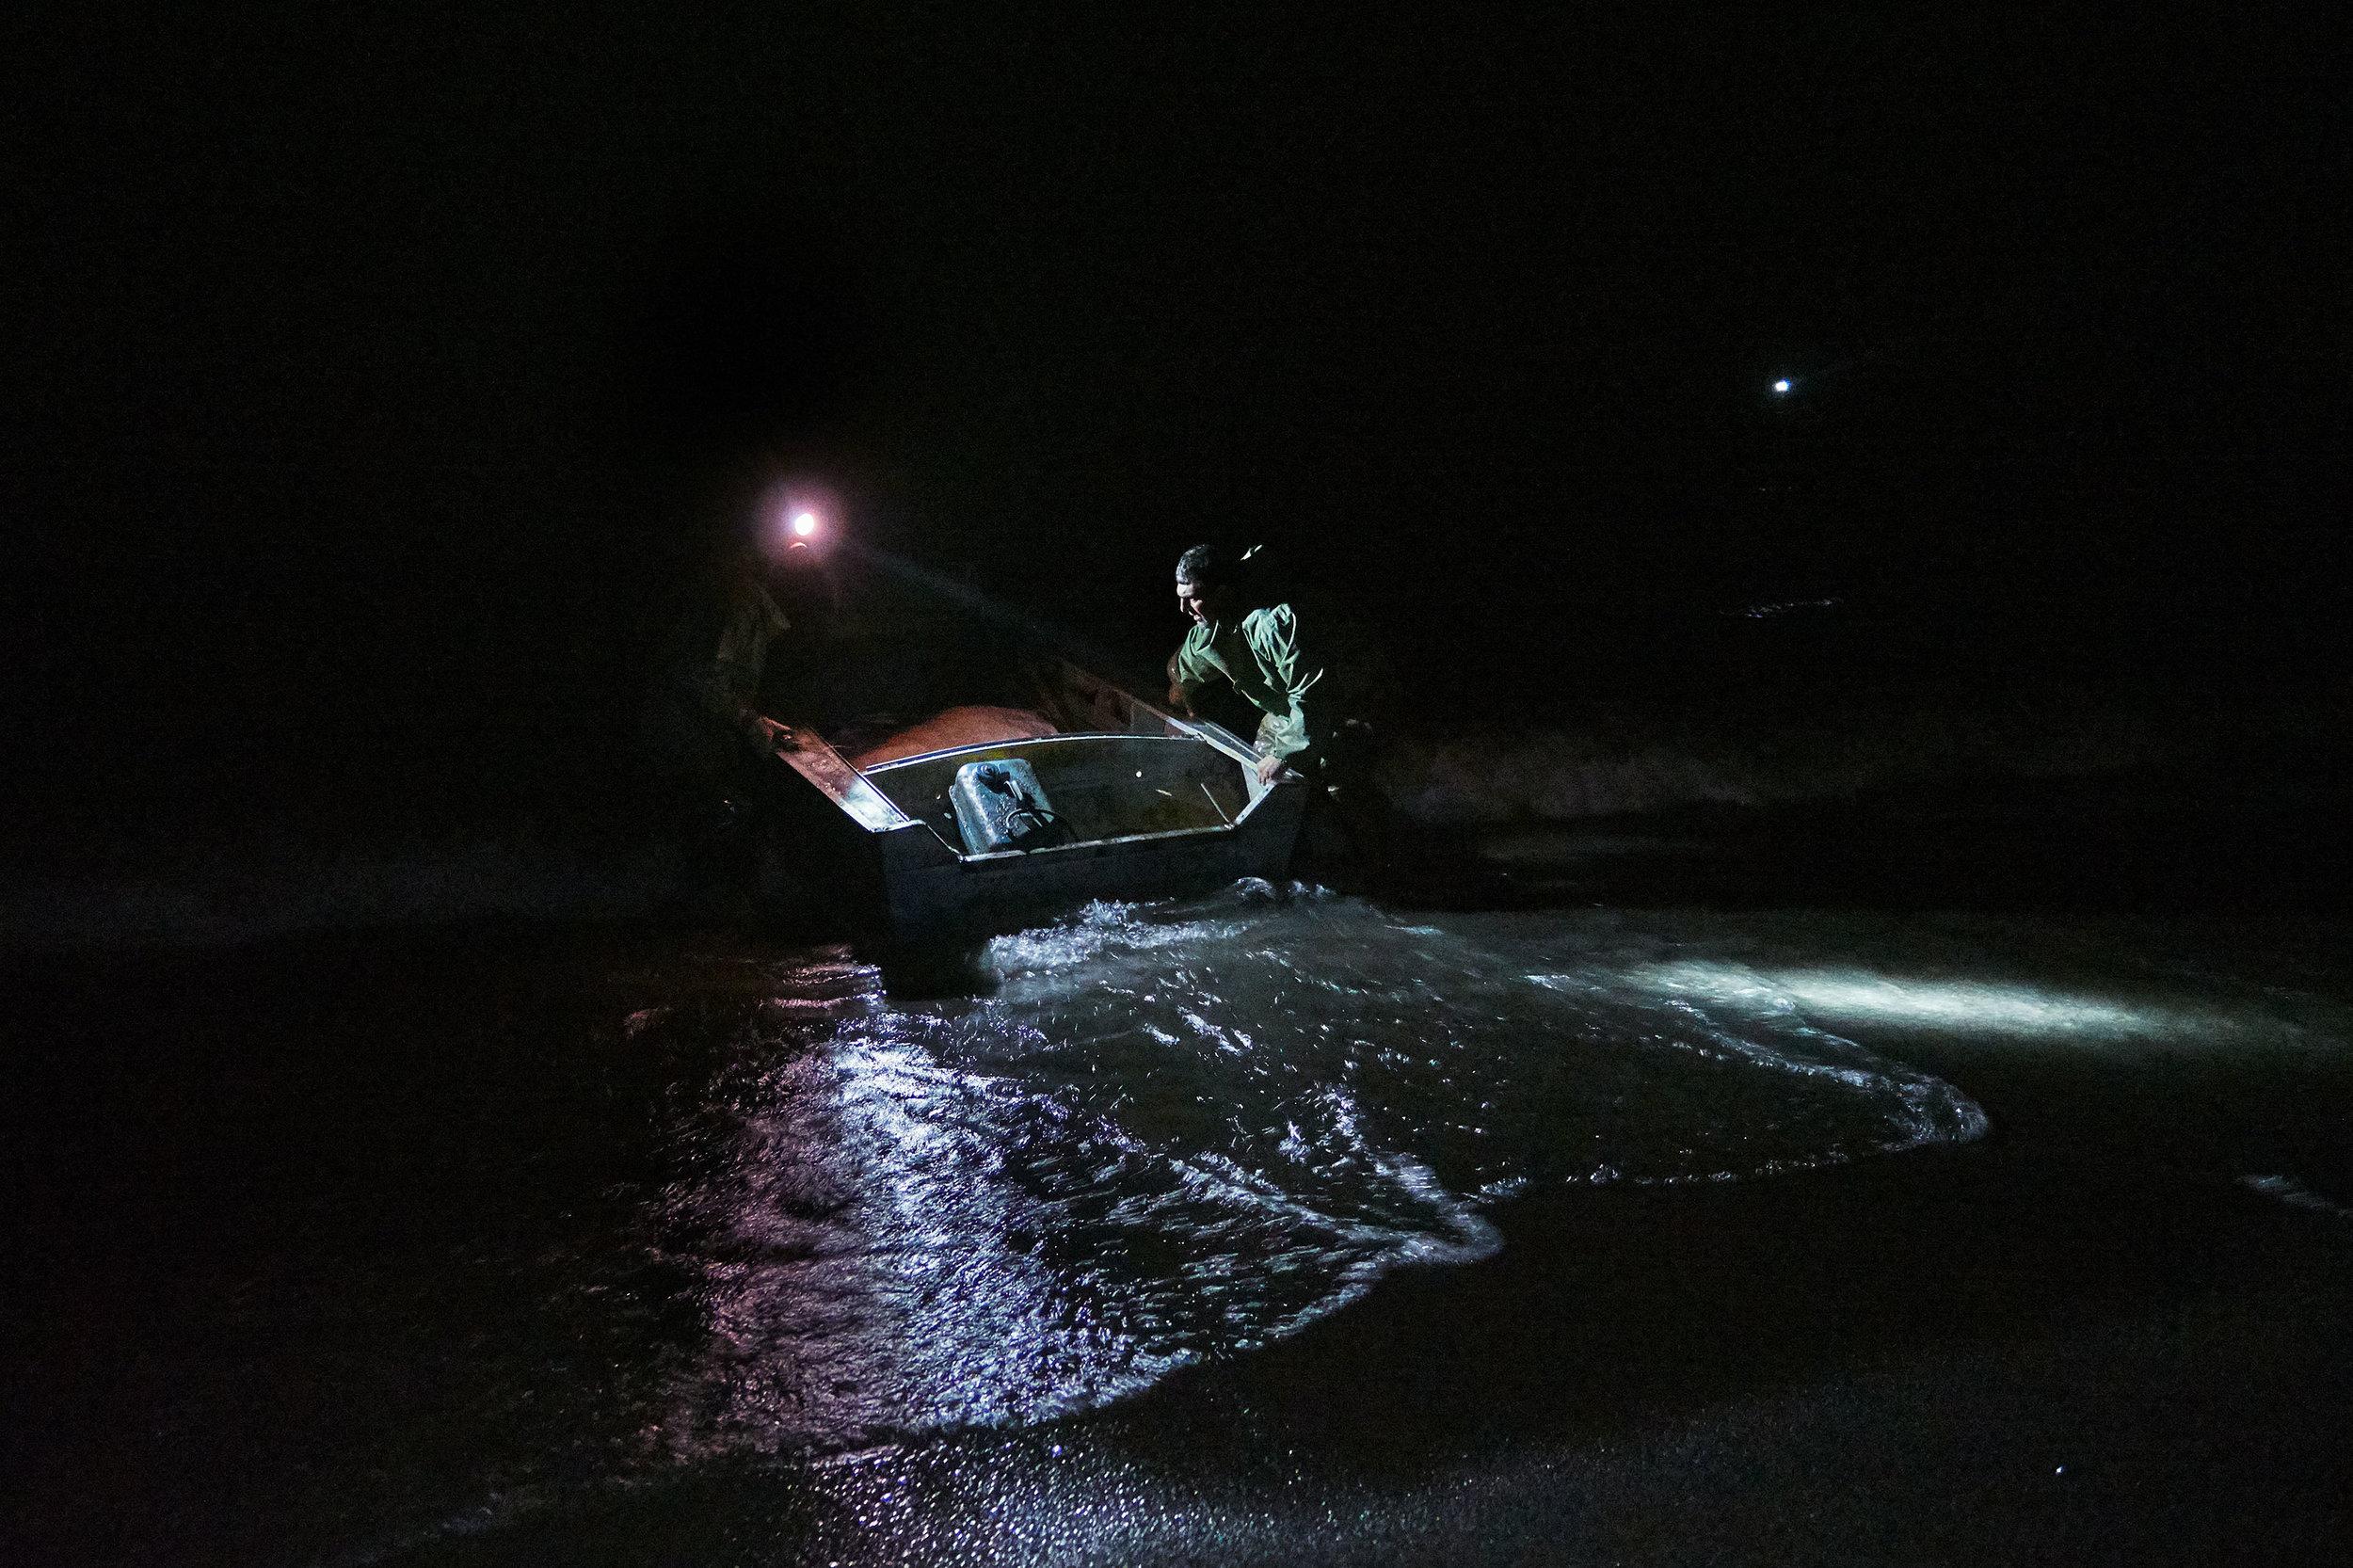 Armenia-Lake-Sevan-fisherman-pulling-out-boat.JPG